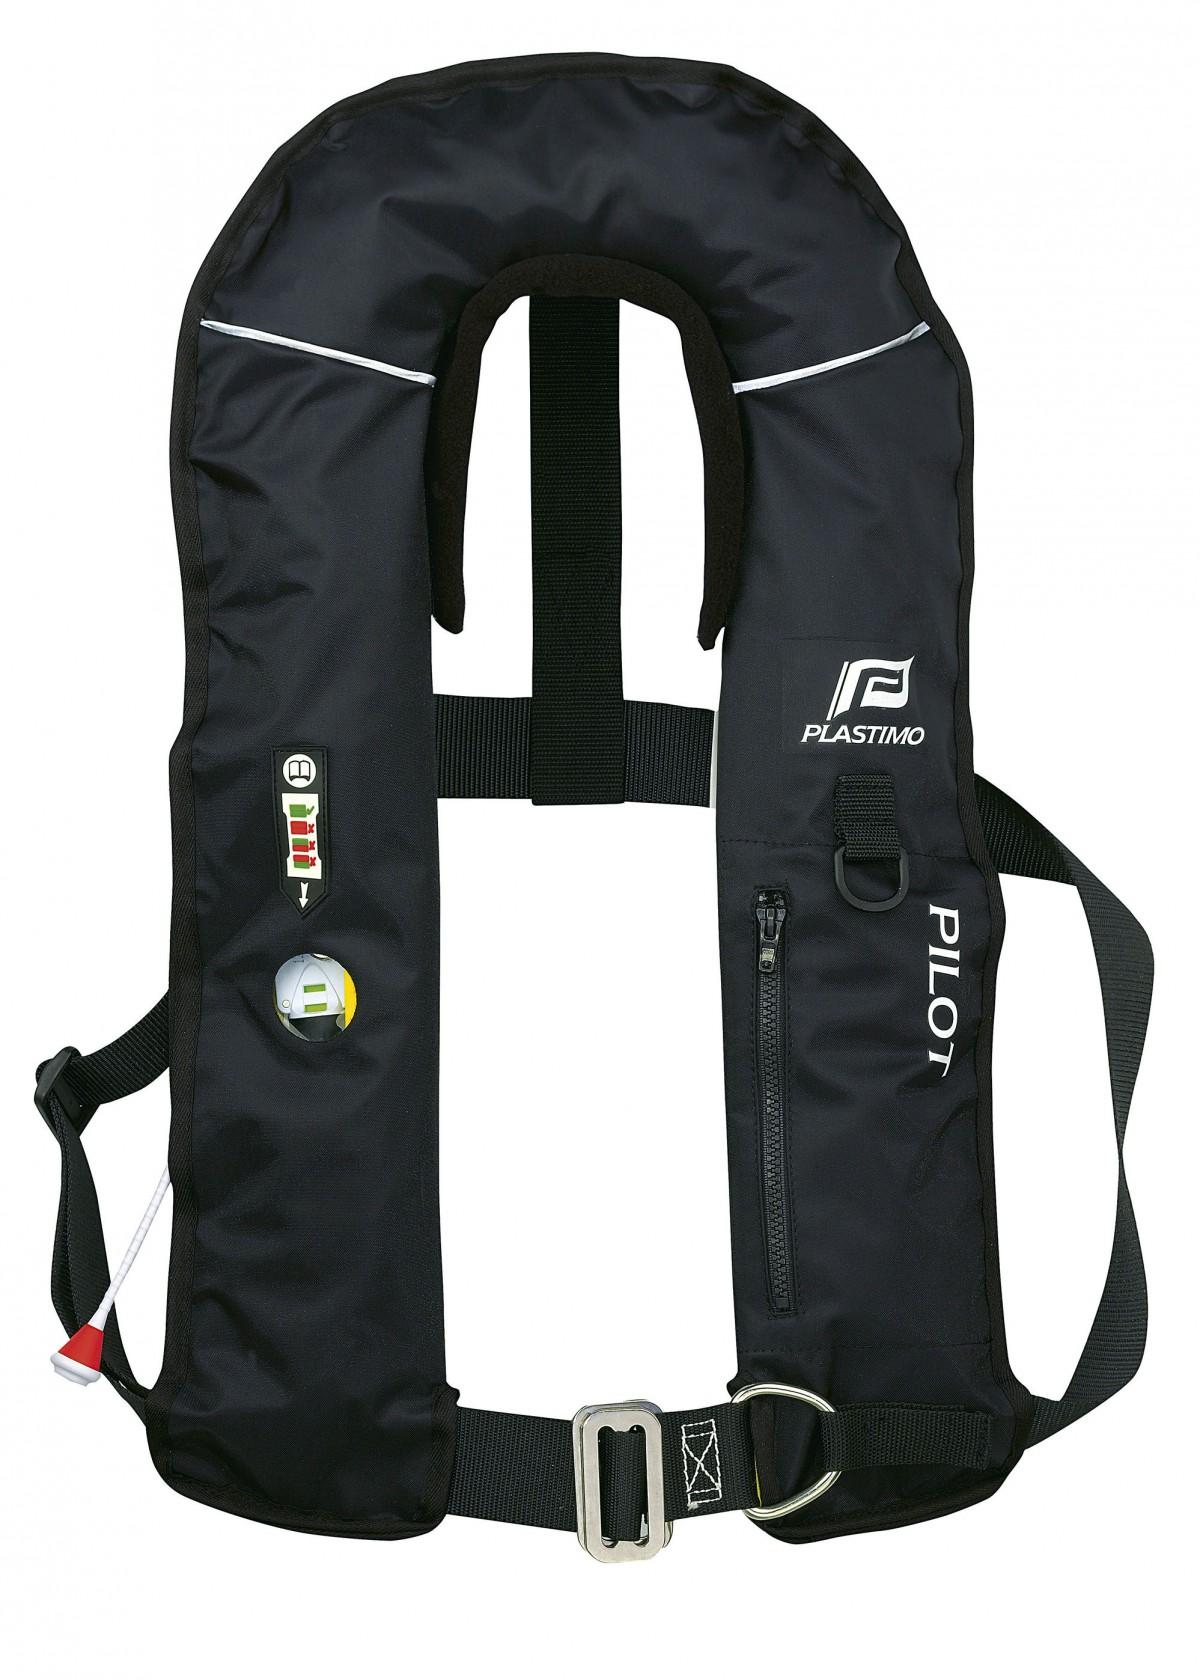 Plastimo Pilot Race 150N Rettungsweste mit Schrittgurt (versch. Ausführungen)